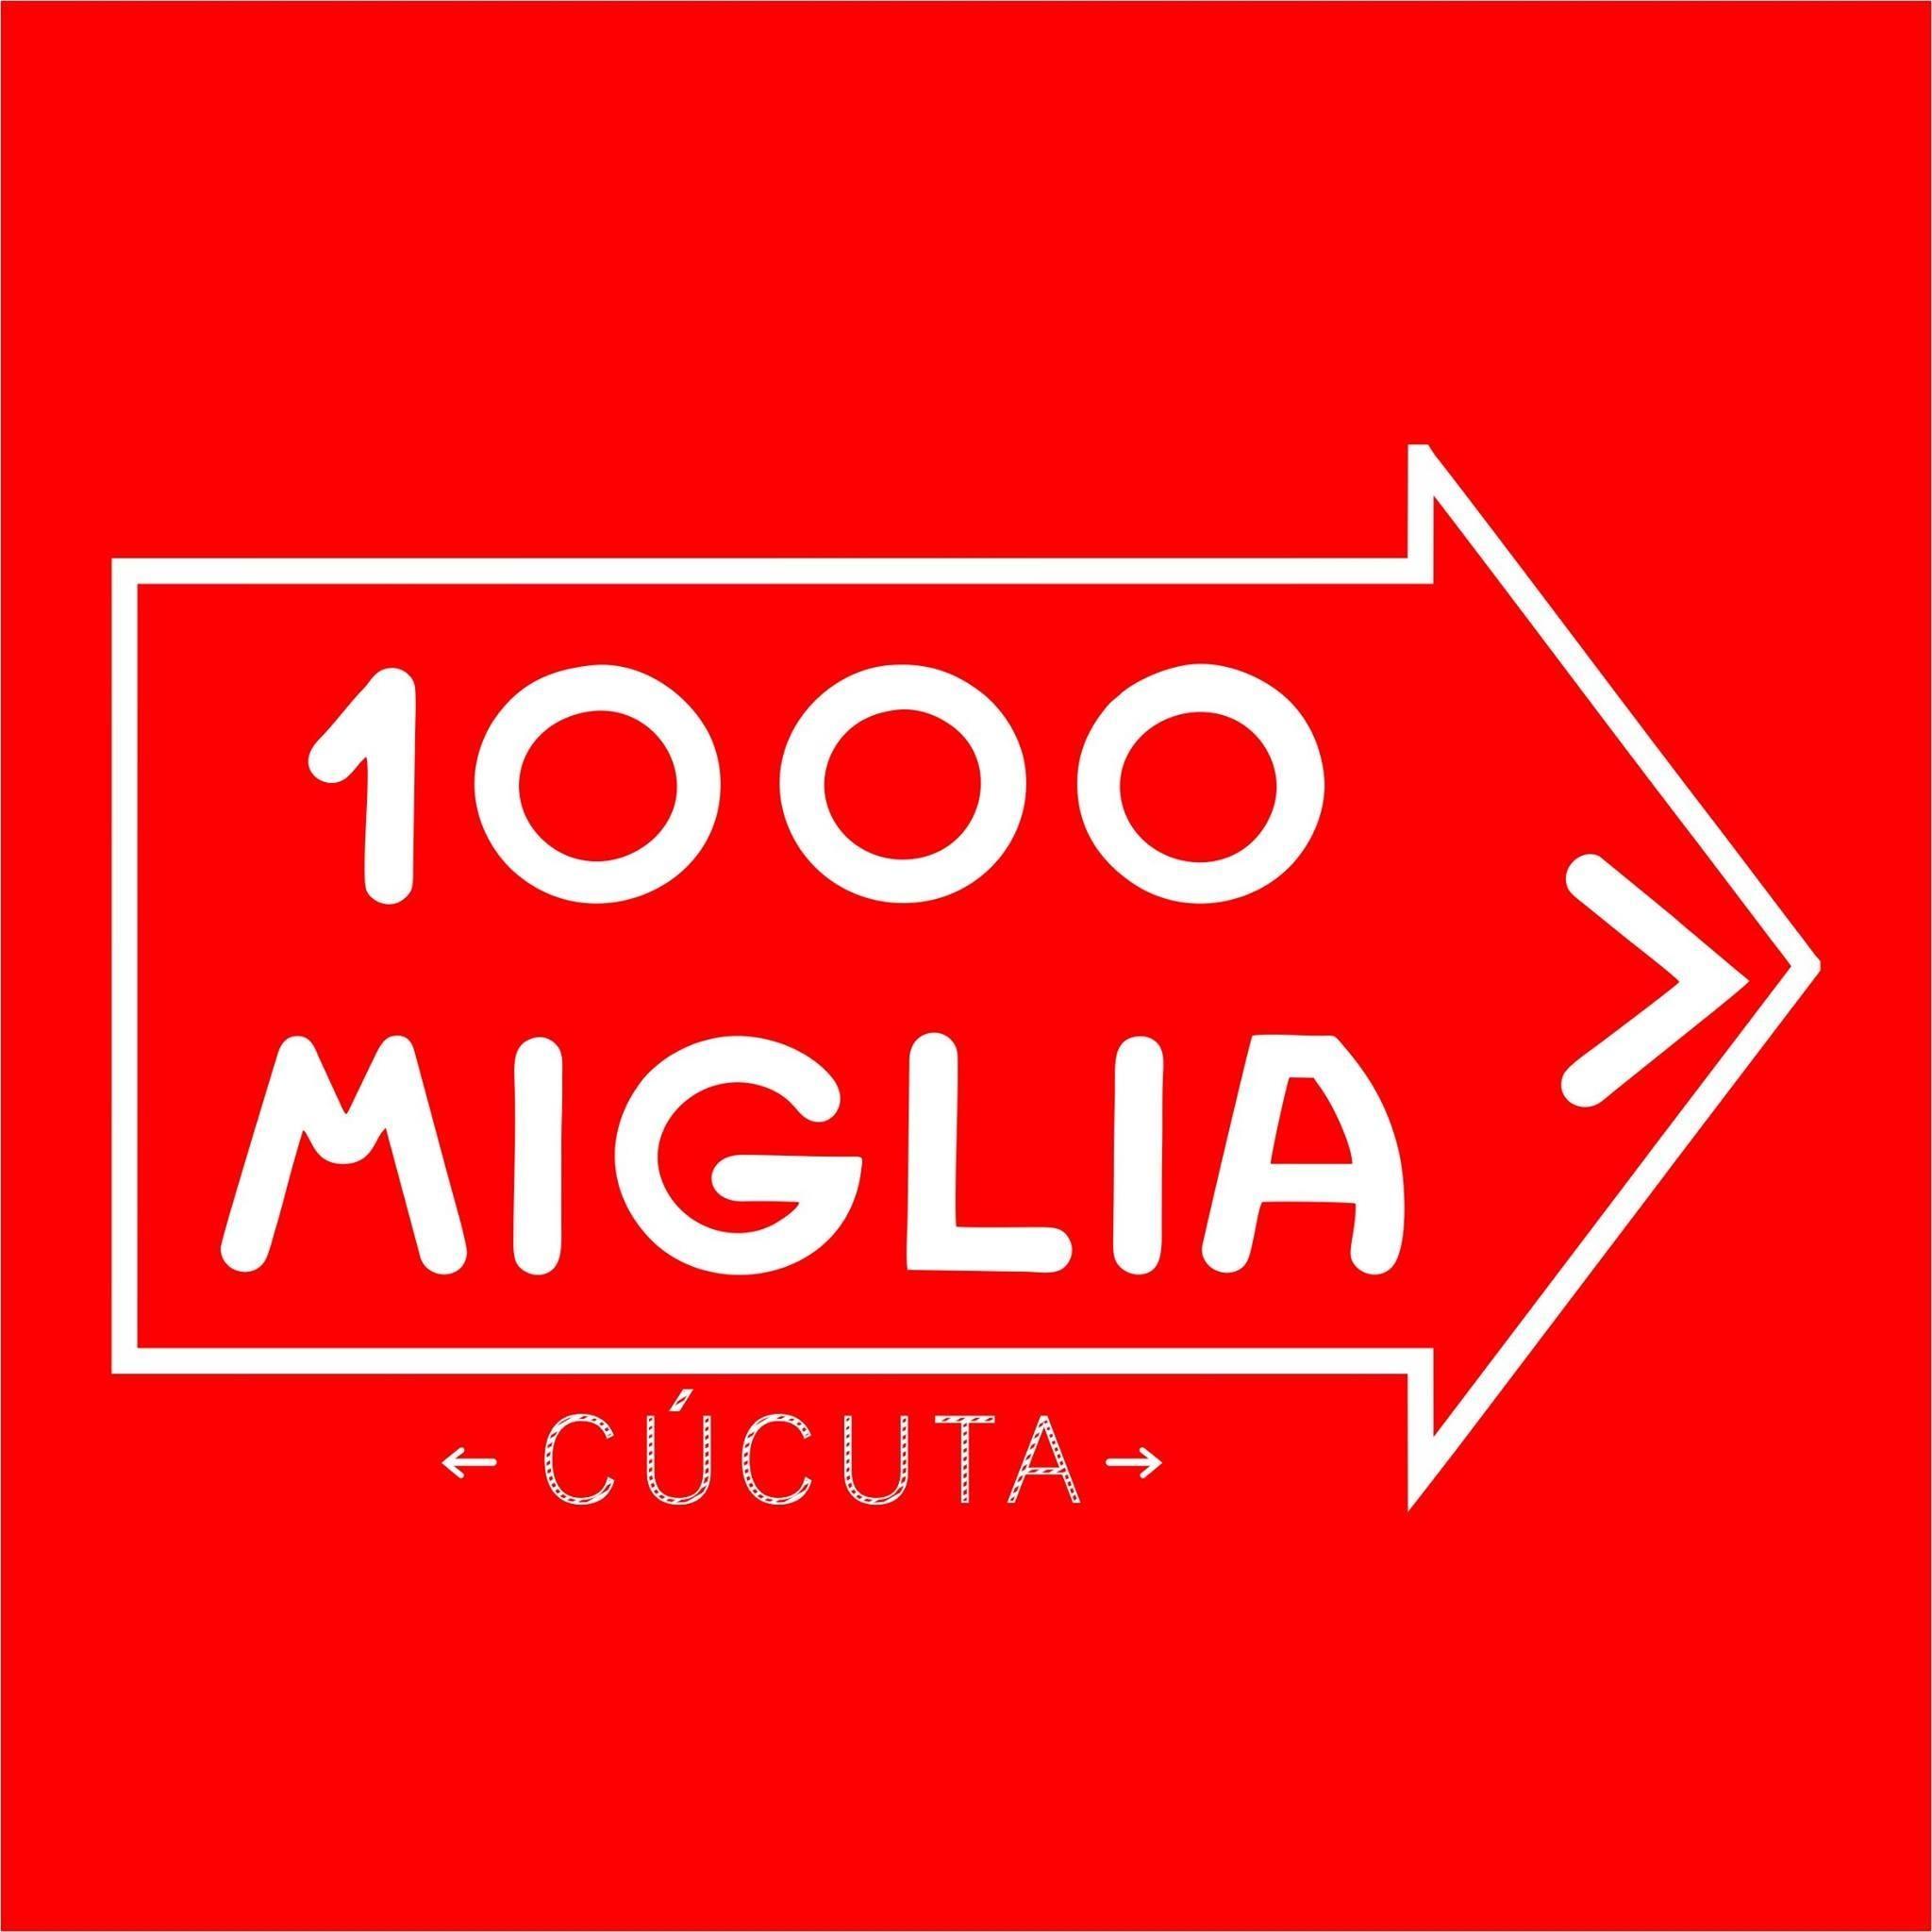 1000 Miglia Caobos